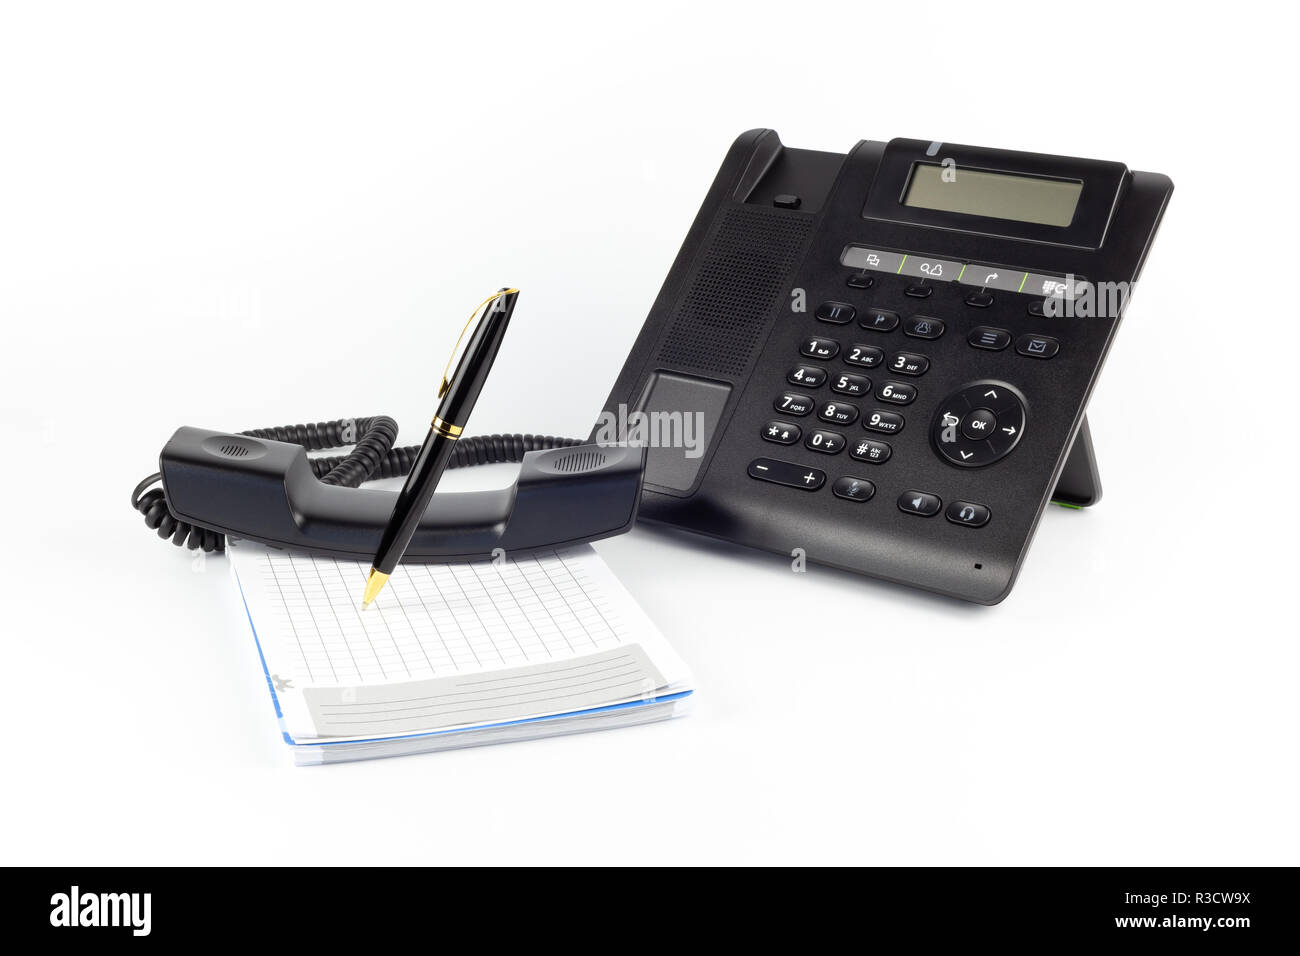 IP noir -téléphone, ordinateur portable et stylo pour écrire sur un fond blanc. Concept de poste de travail Banque D'Images